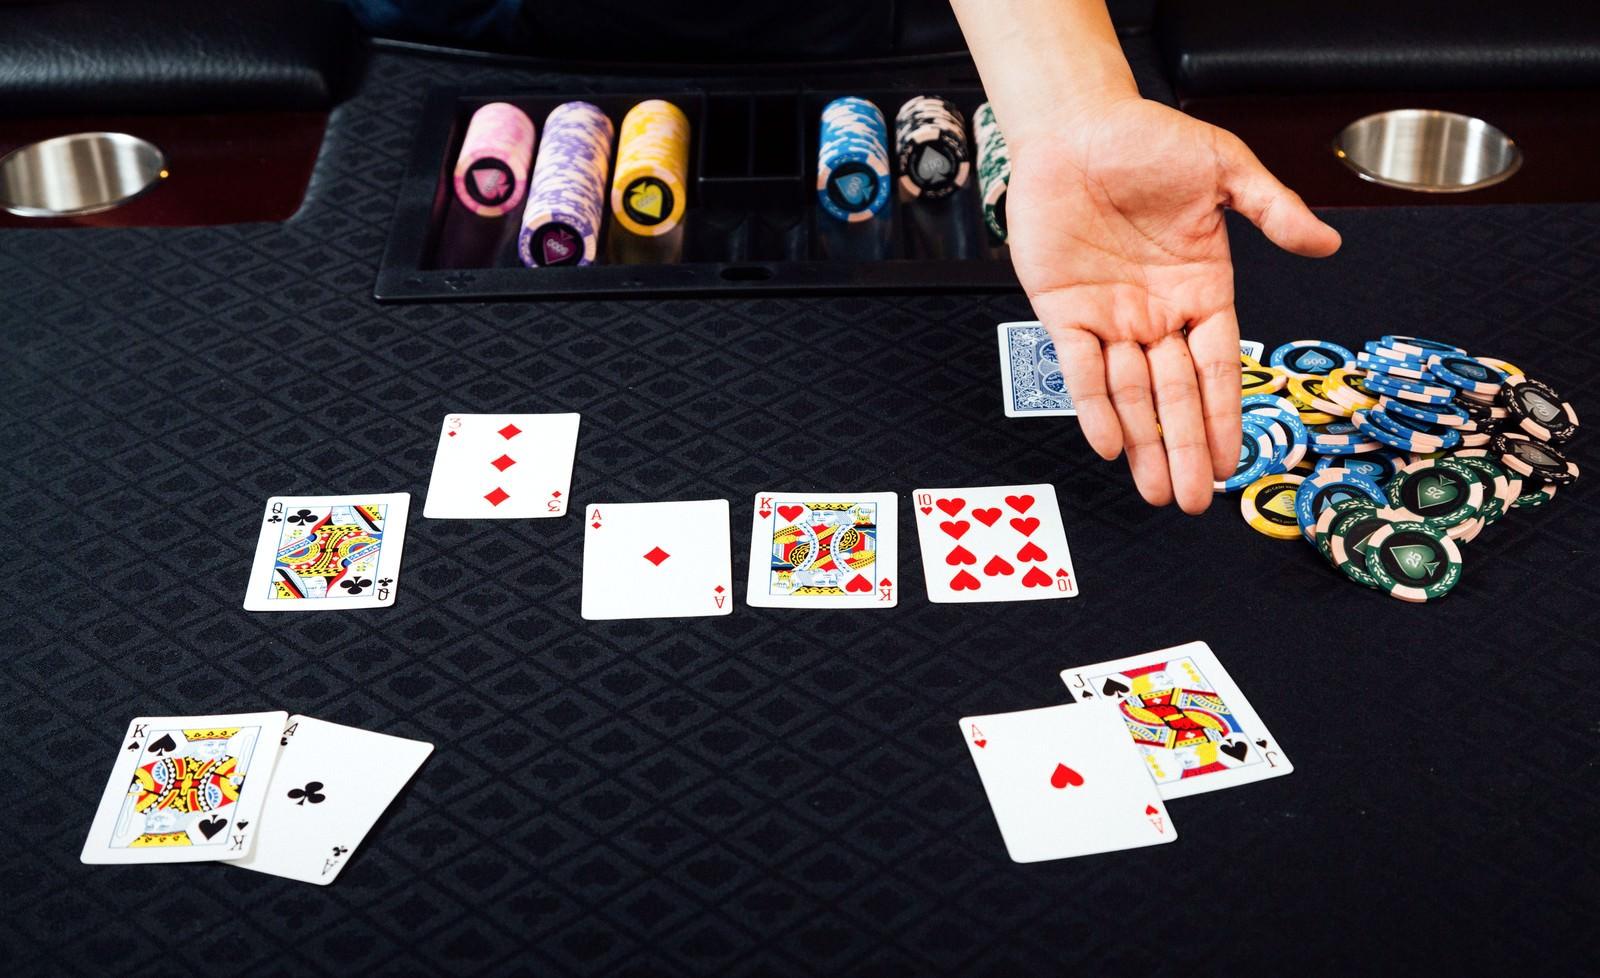 「ポーカー(ストレート)」の写真